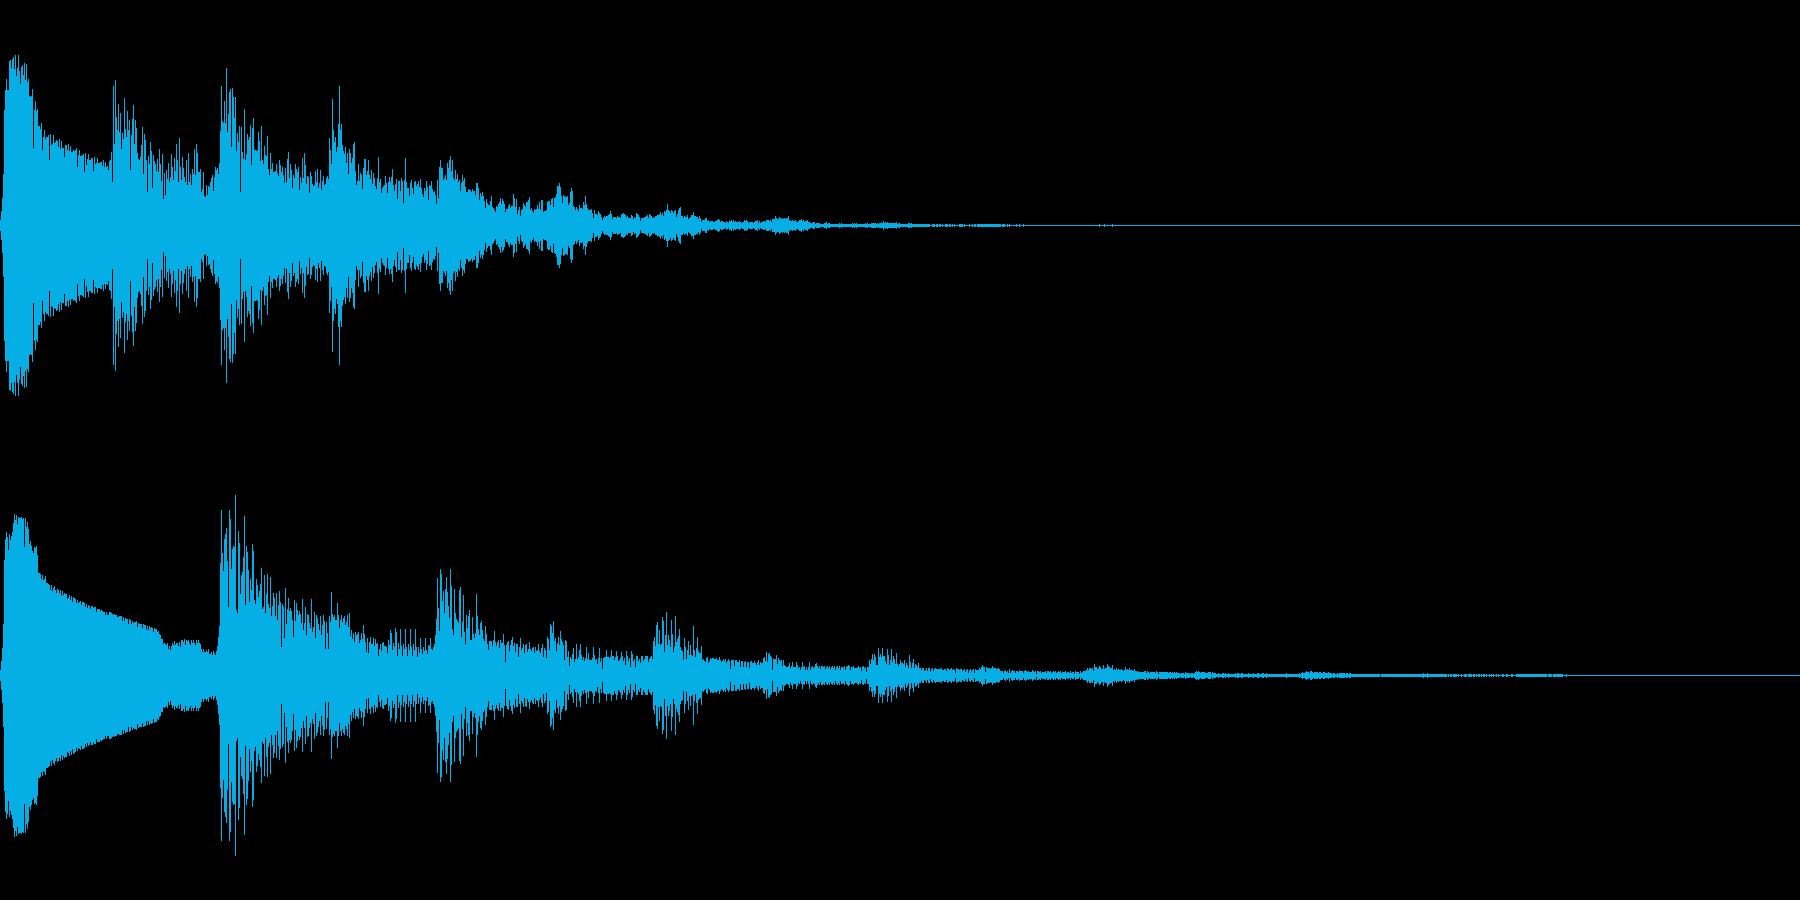 デデンデン/冒険に出発/ピコピコ/旅の再生済みの波形